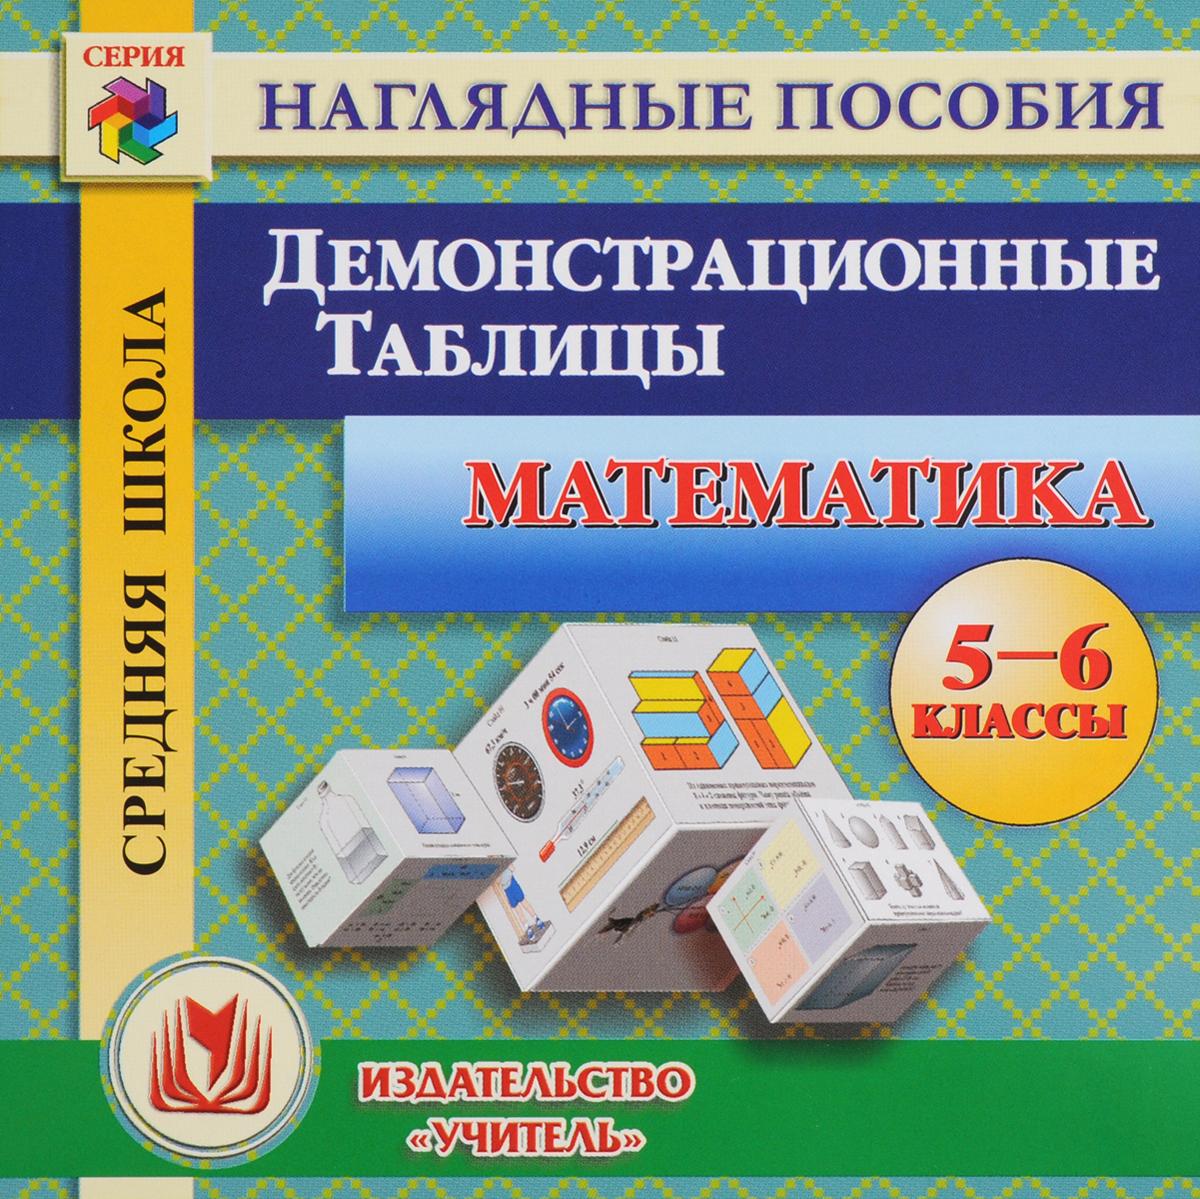 Математика. Демонстрационные таблицы. 5-6 классы